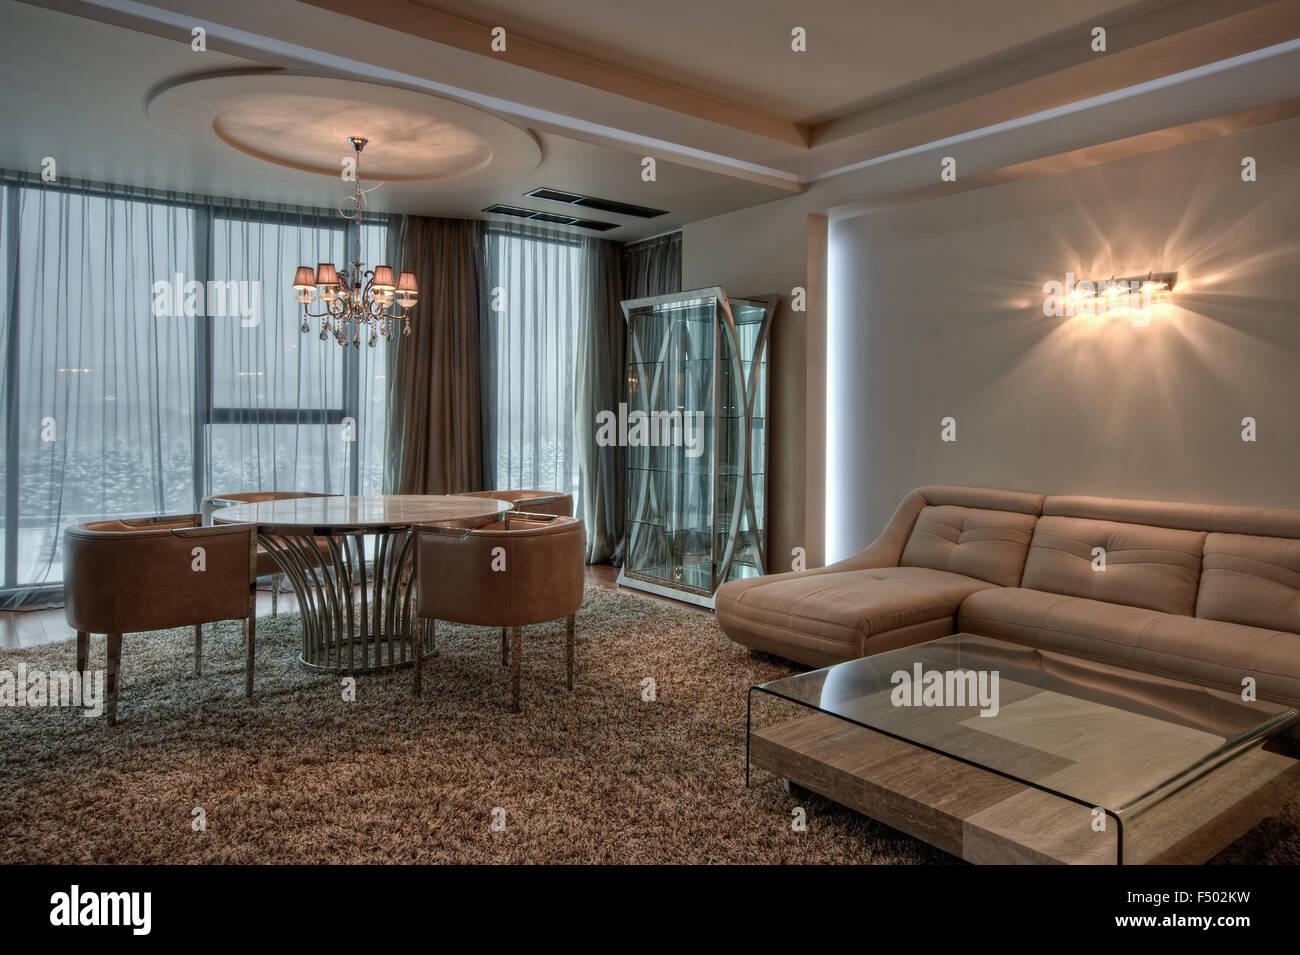 Elegante y moderno interior acogedor. Decoración de ambiente. Un diseño contemporáneo y minimalista. Imagen De Stock